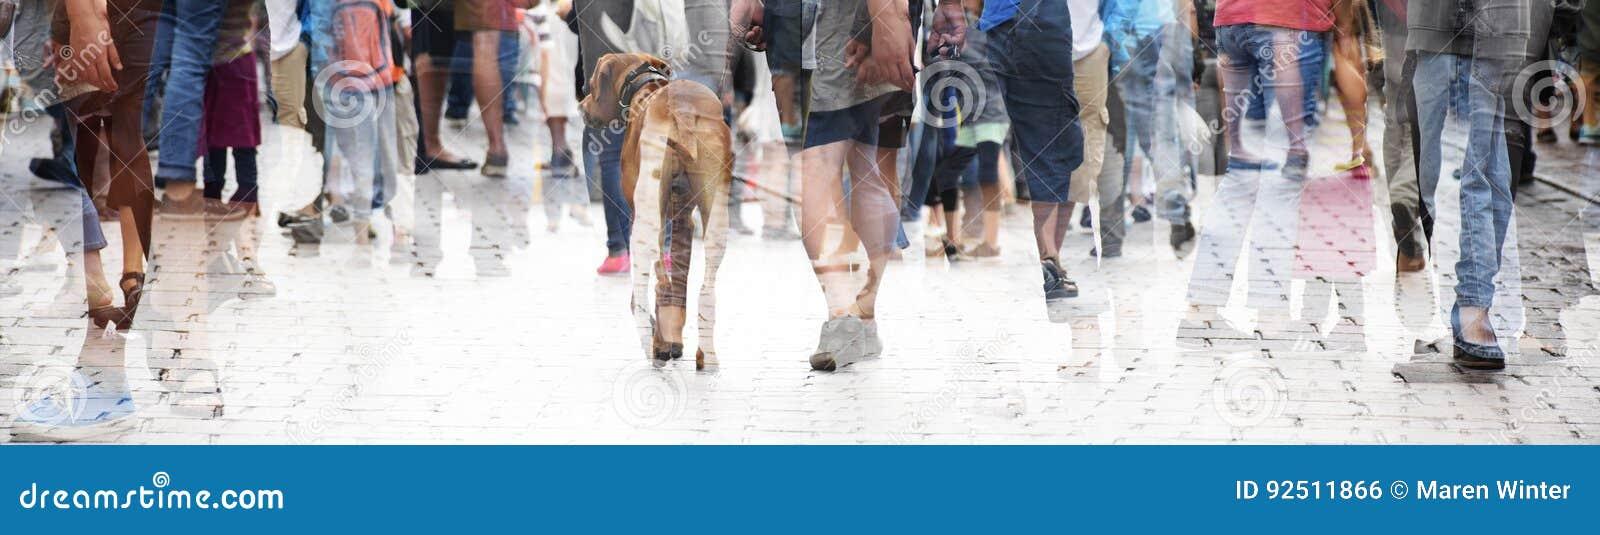 Promenade de ville, double exposition d une grande foule des personnes et un chien,